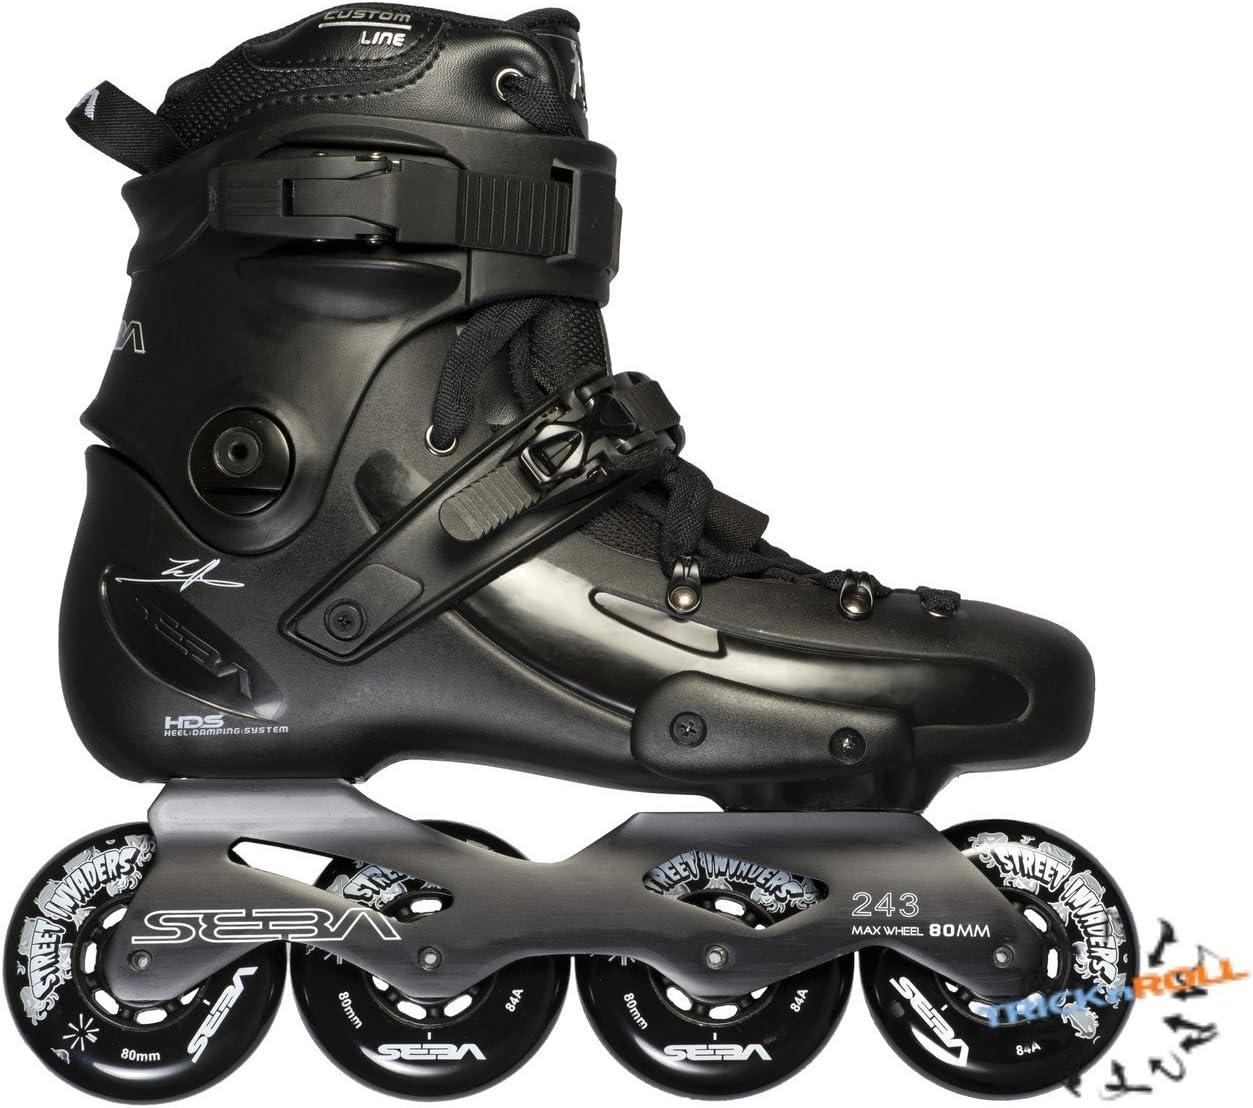 SEBA FR2 80 2016 2017 Inline skates for city freeride – freeride skates roller skates – rollerblades for city